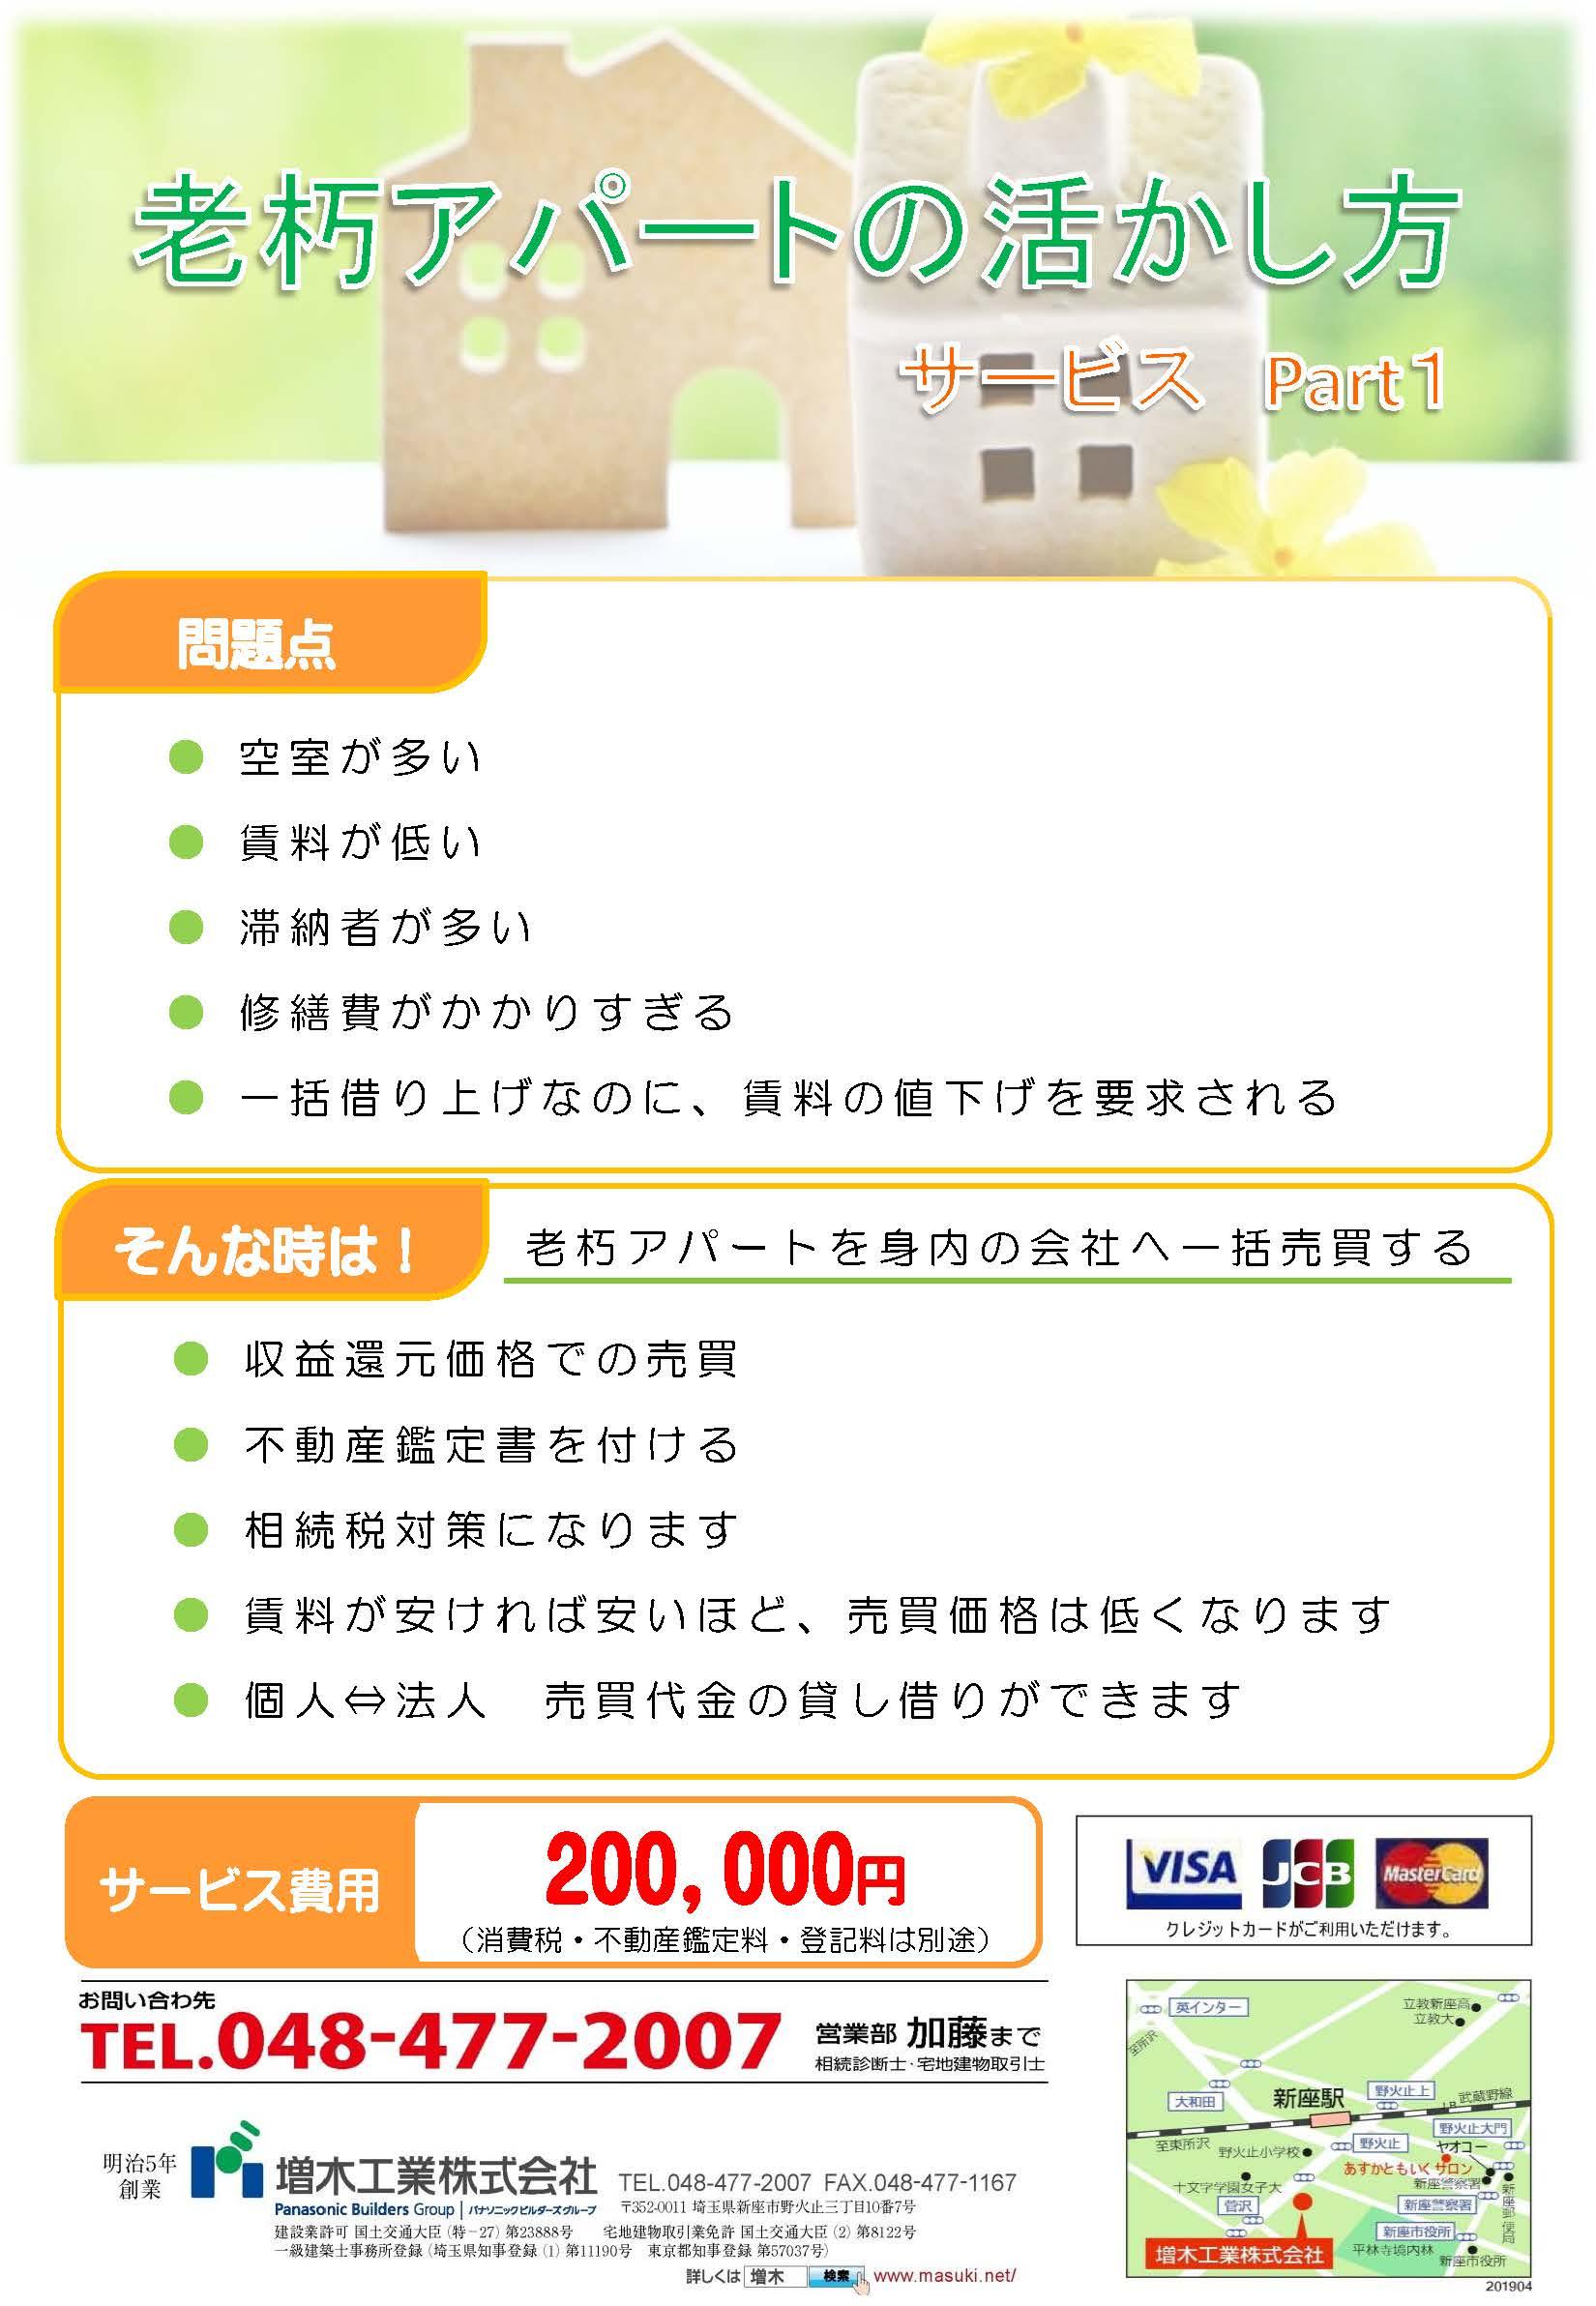 老朽アパートの活かし方サービス part1/8-1のイメージ